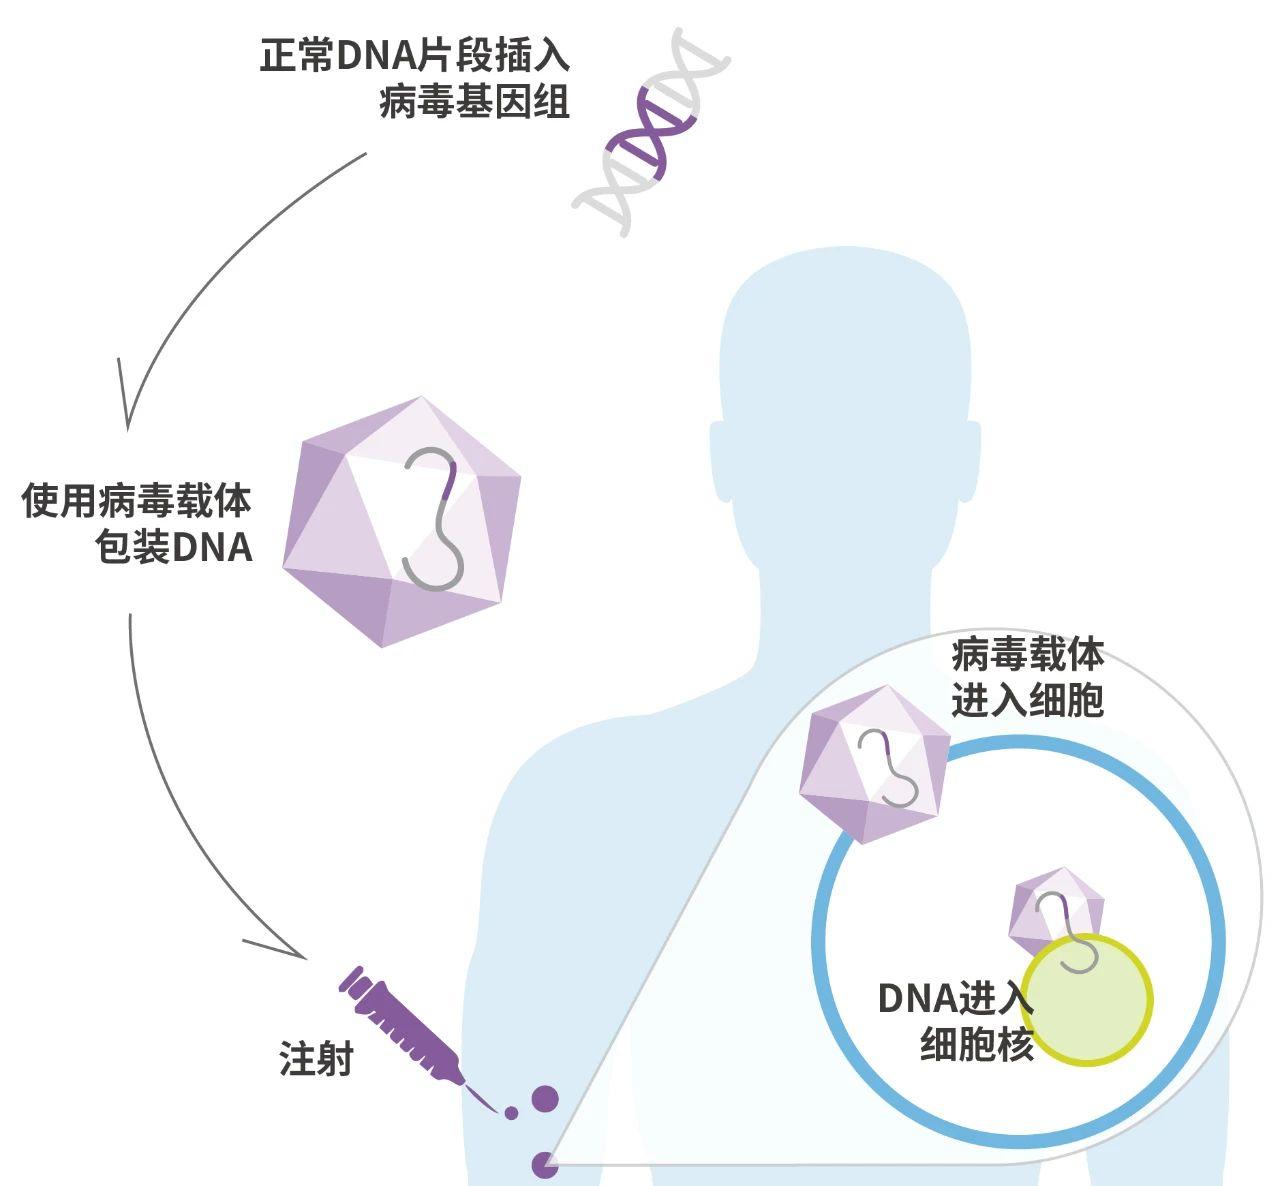 项目合作 | 勃林格殷格翰与克睿基因合作开发新型AAV载体,以开发下一代肝靶向基因治疗